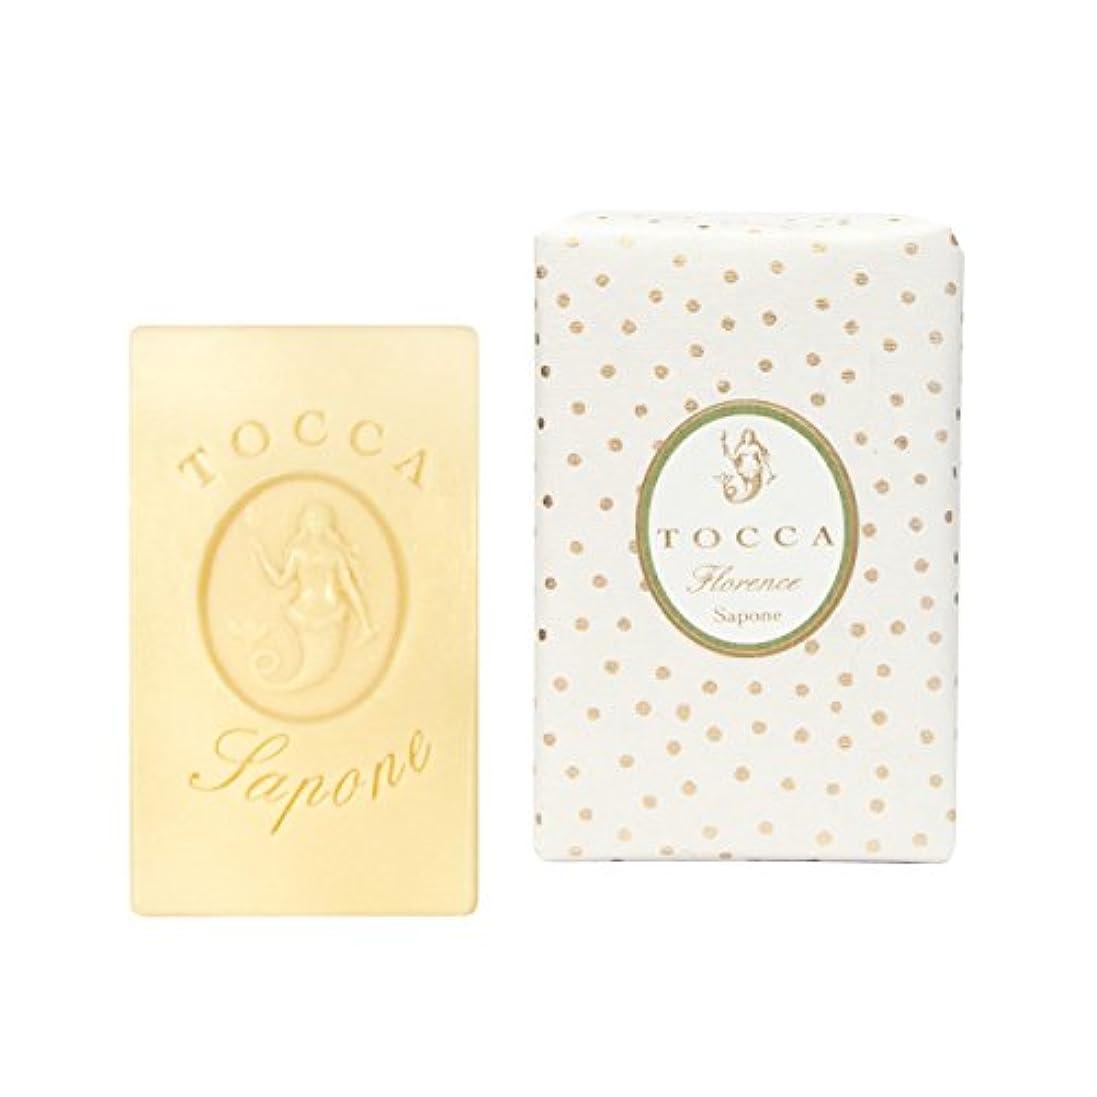 前任者不平を言うドラッグトッカ(TOCCA) ソープバーフローレンスの香り 113g(石けん 化粧石けん ガーデニアとベルガモットが誘うように溶け合うどこまでも上品なフローラルの香り)